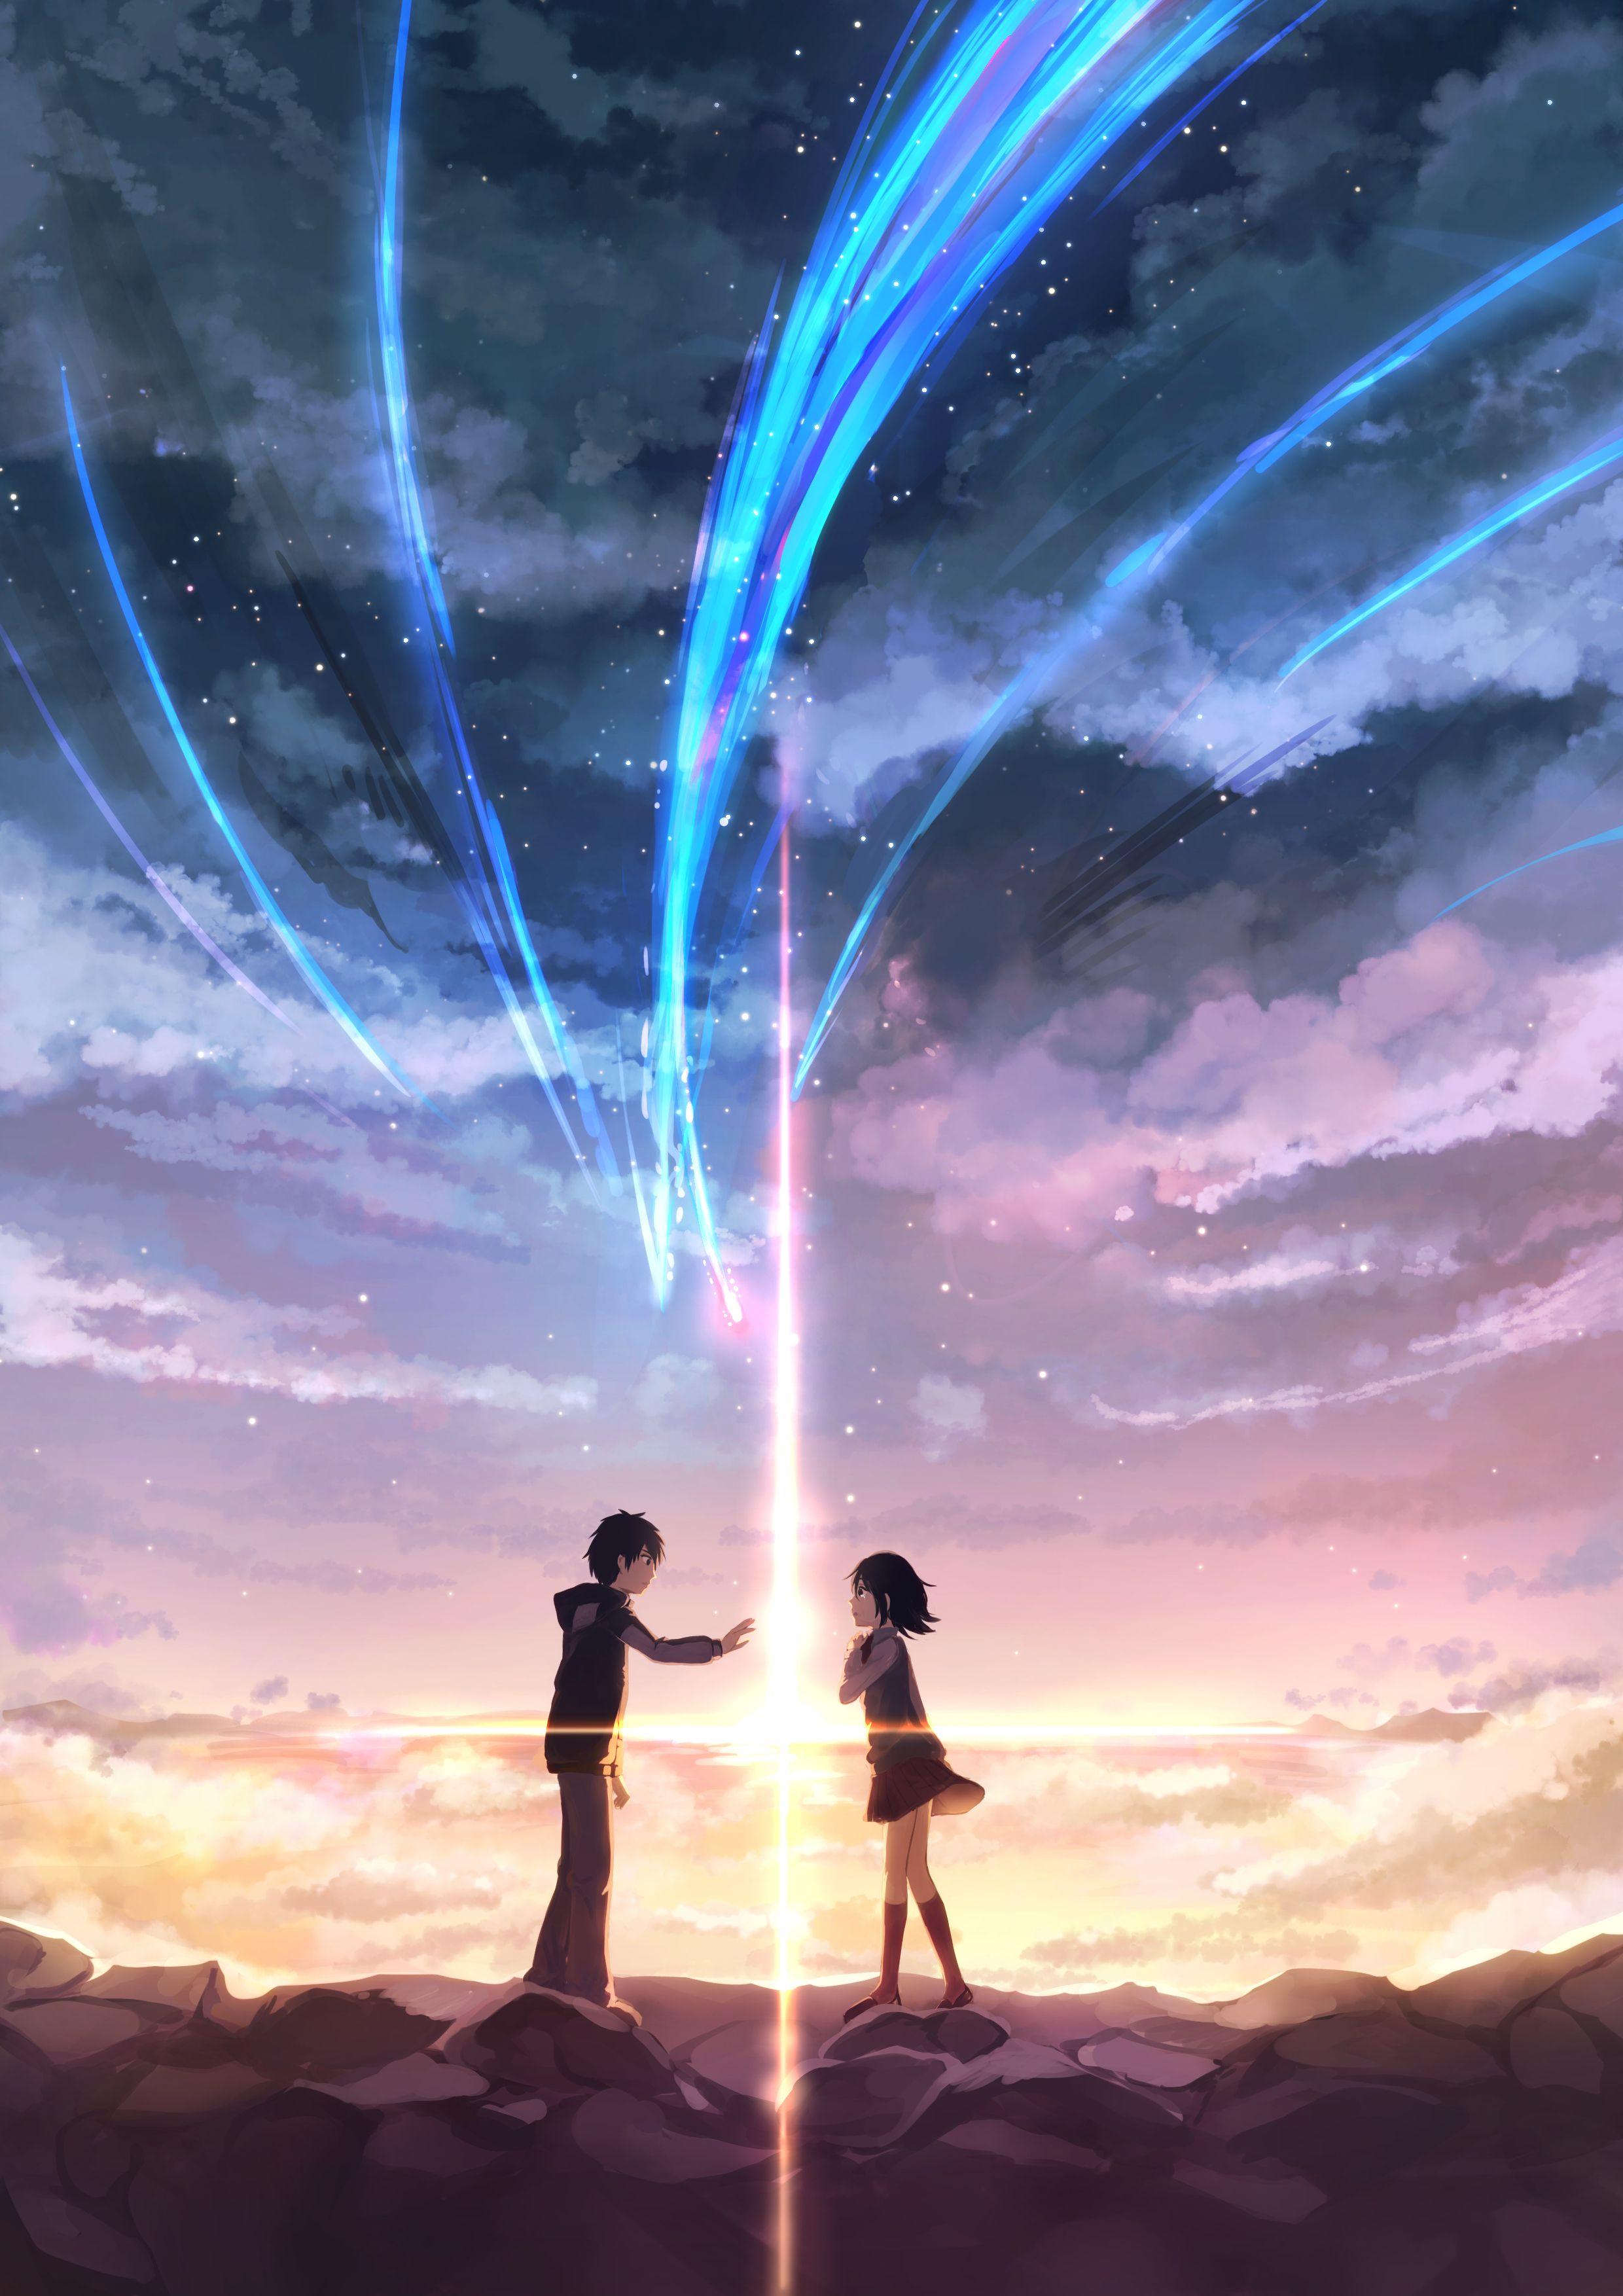 Hd wallpaper kimi no na wa - Kimi No Na Wa Your Name Brilliant Movie A Bit Confusing But